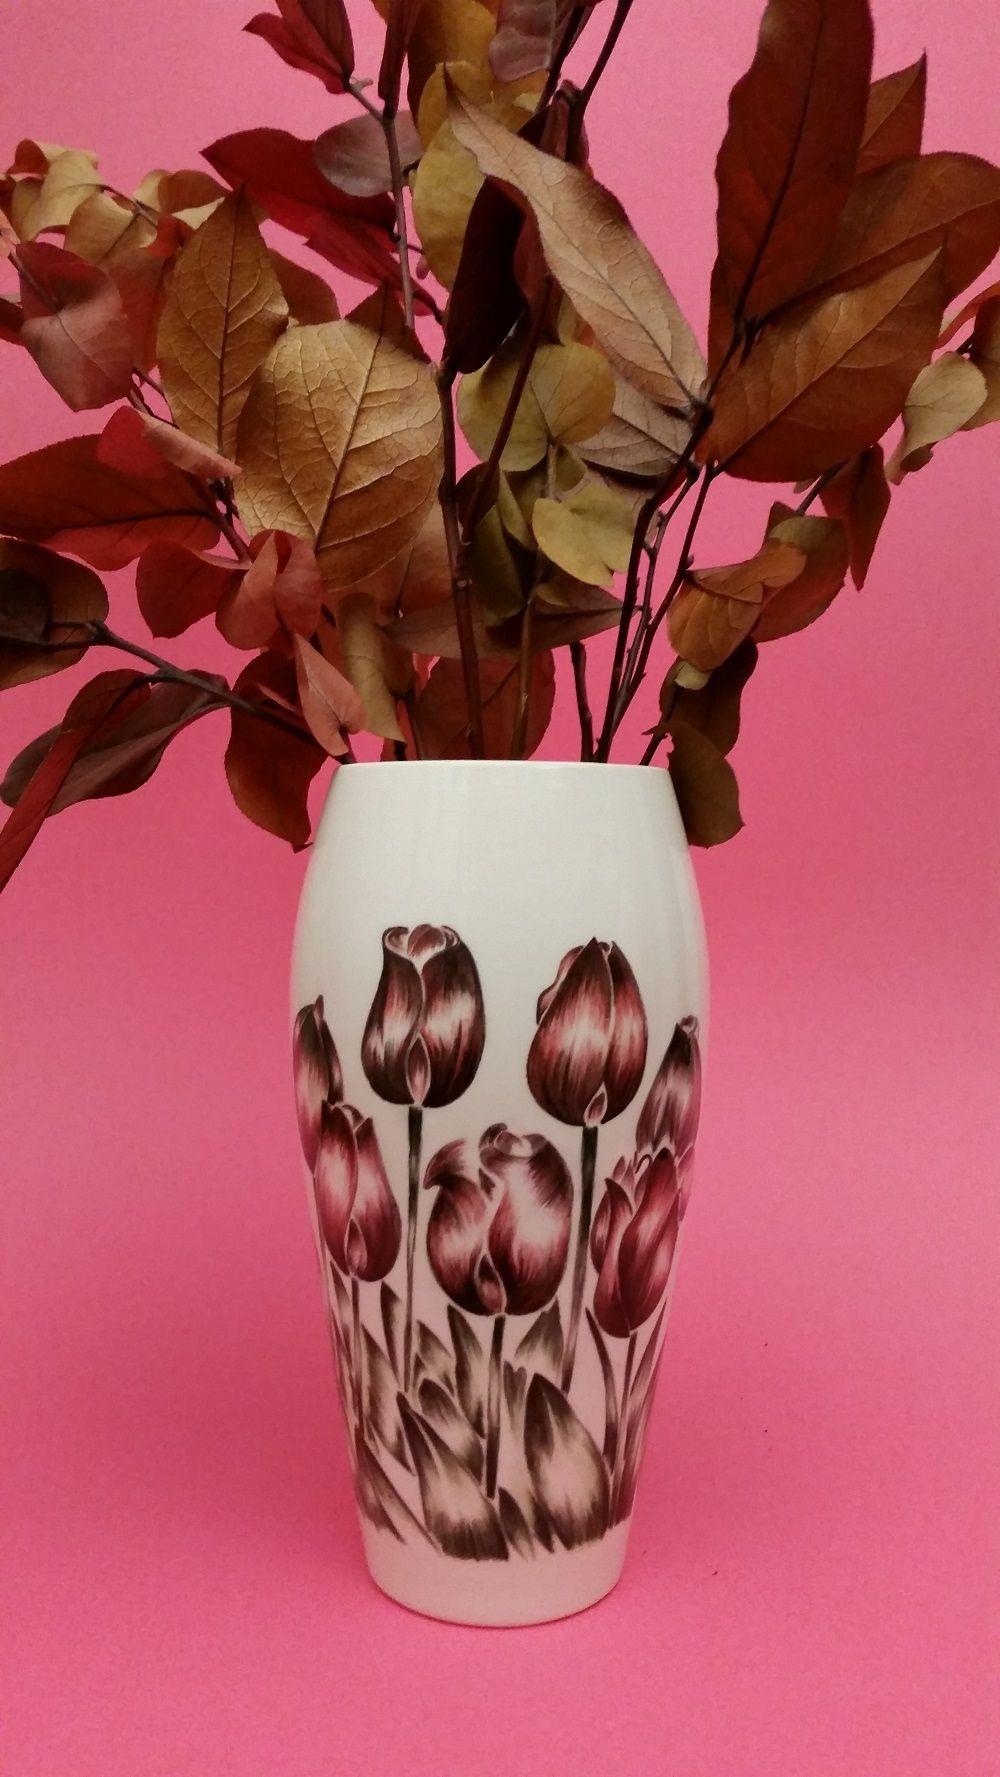 http://mercatinoartigiano.net/it/annuncio/view?id=319 Vaso tulipani ceramica - Laura  Nan  Vaso tulipani h. cm 23 diametro cm.9, dipinto interamente a mano libera su biscotto ceramico sottocristallinato e sucessivamente cotto ad alte temperature.